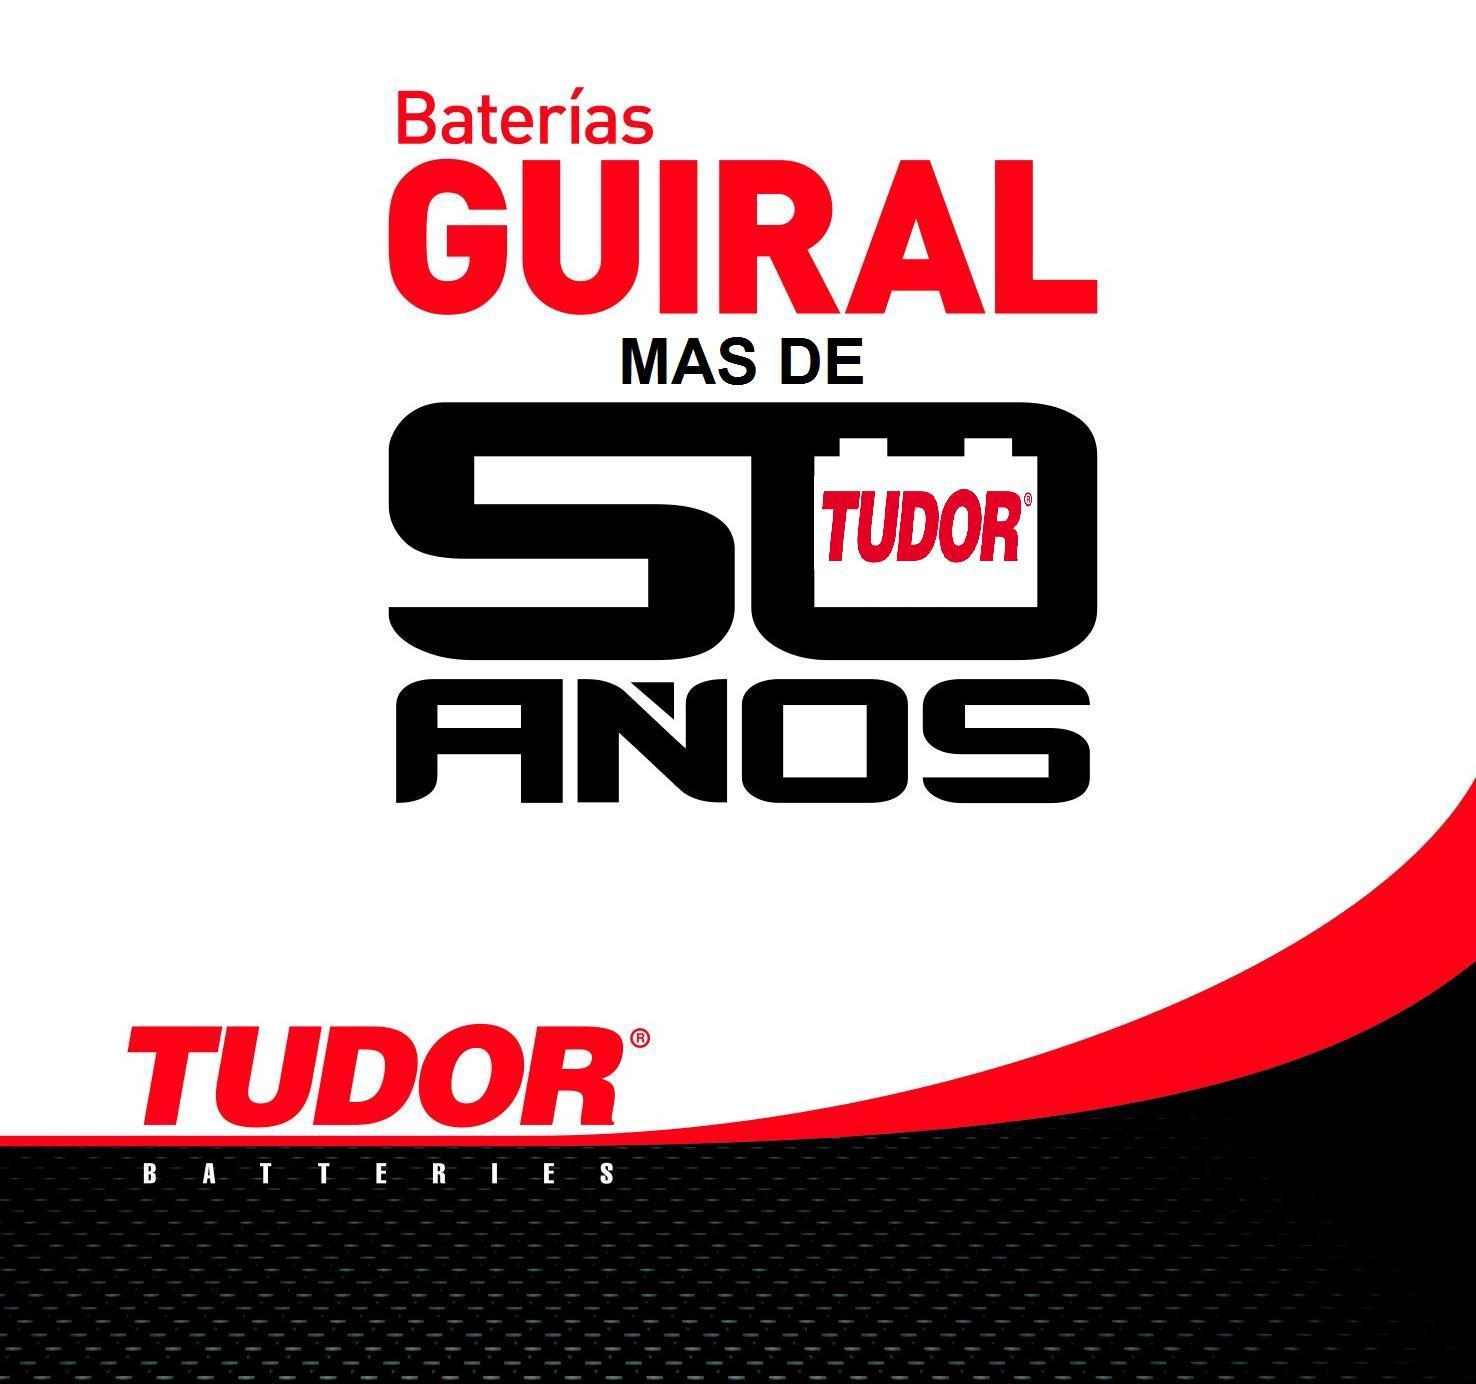 Baterías Guiral